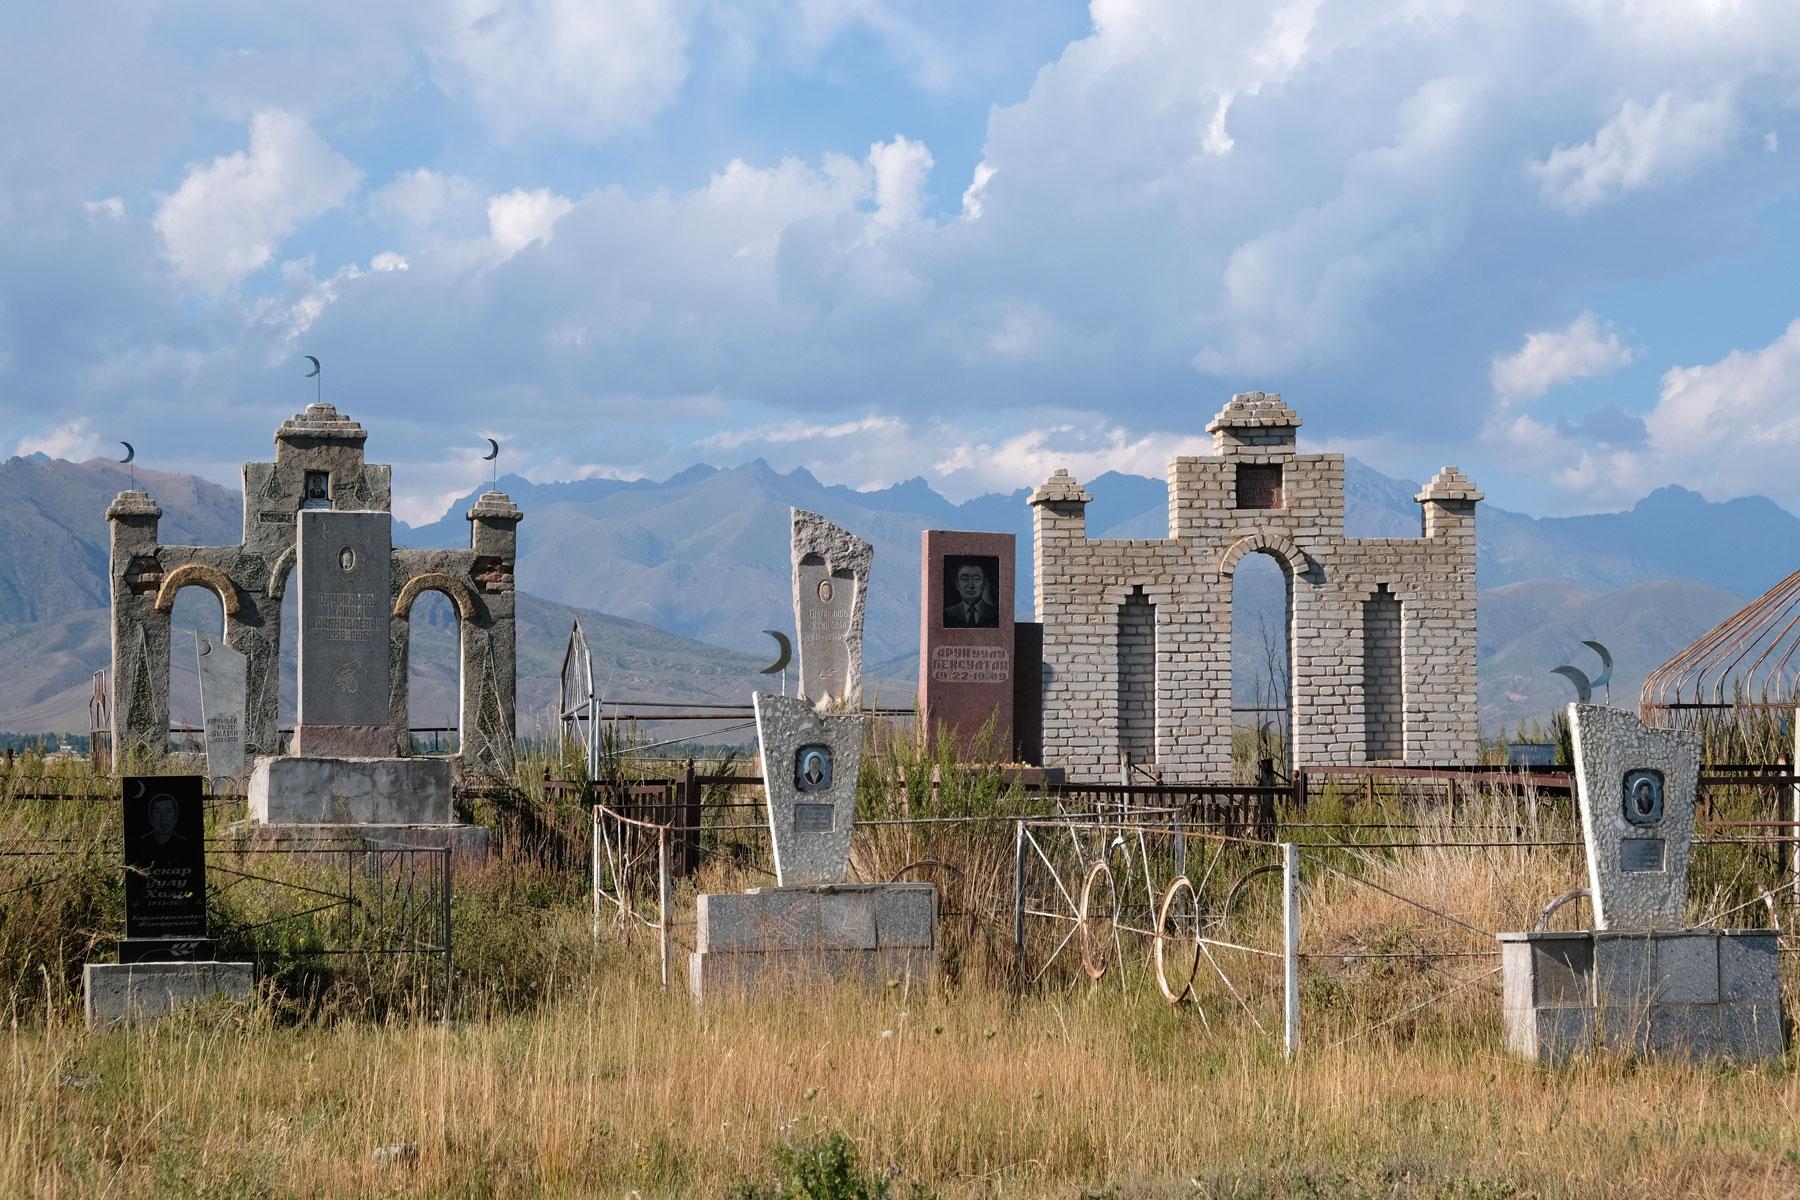 Wir entdecken diesen hübschen Friedhof.